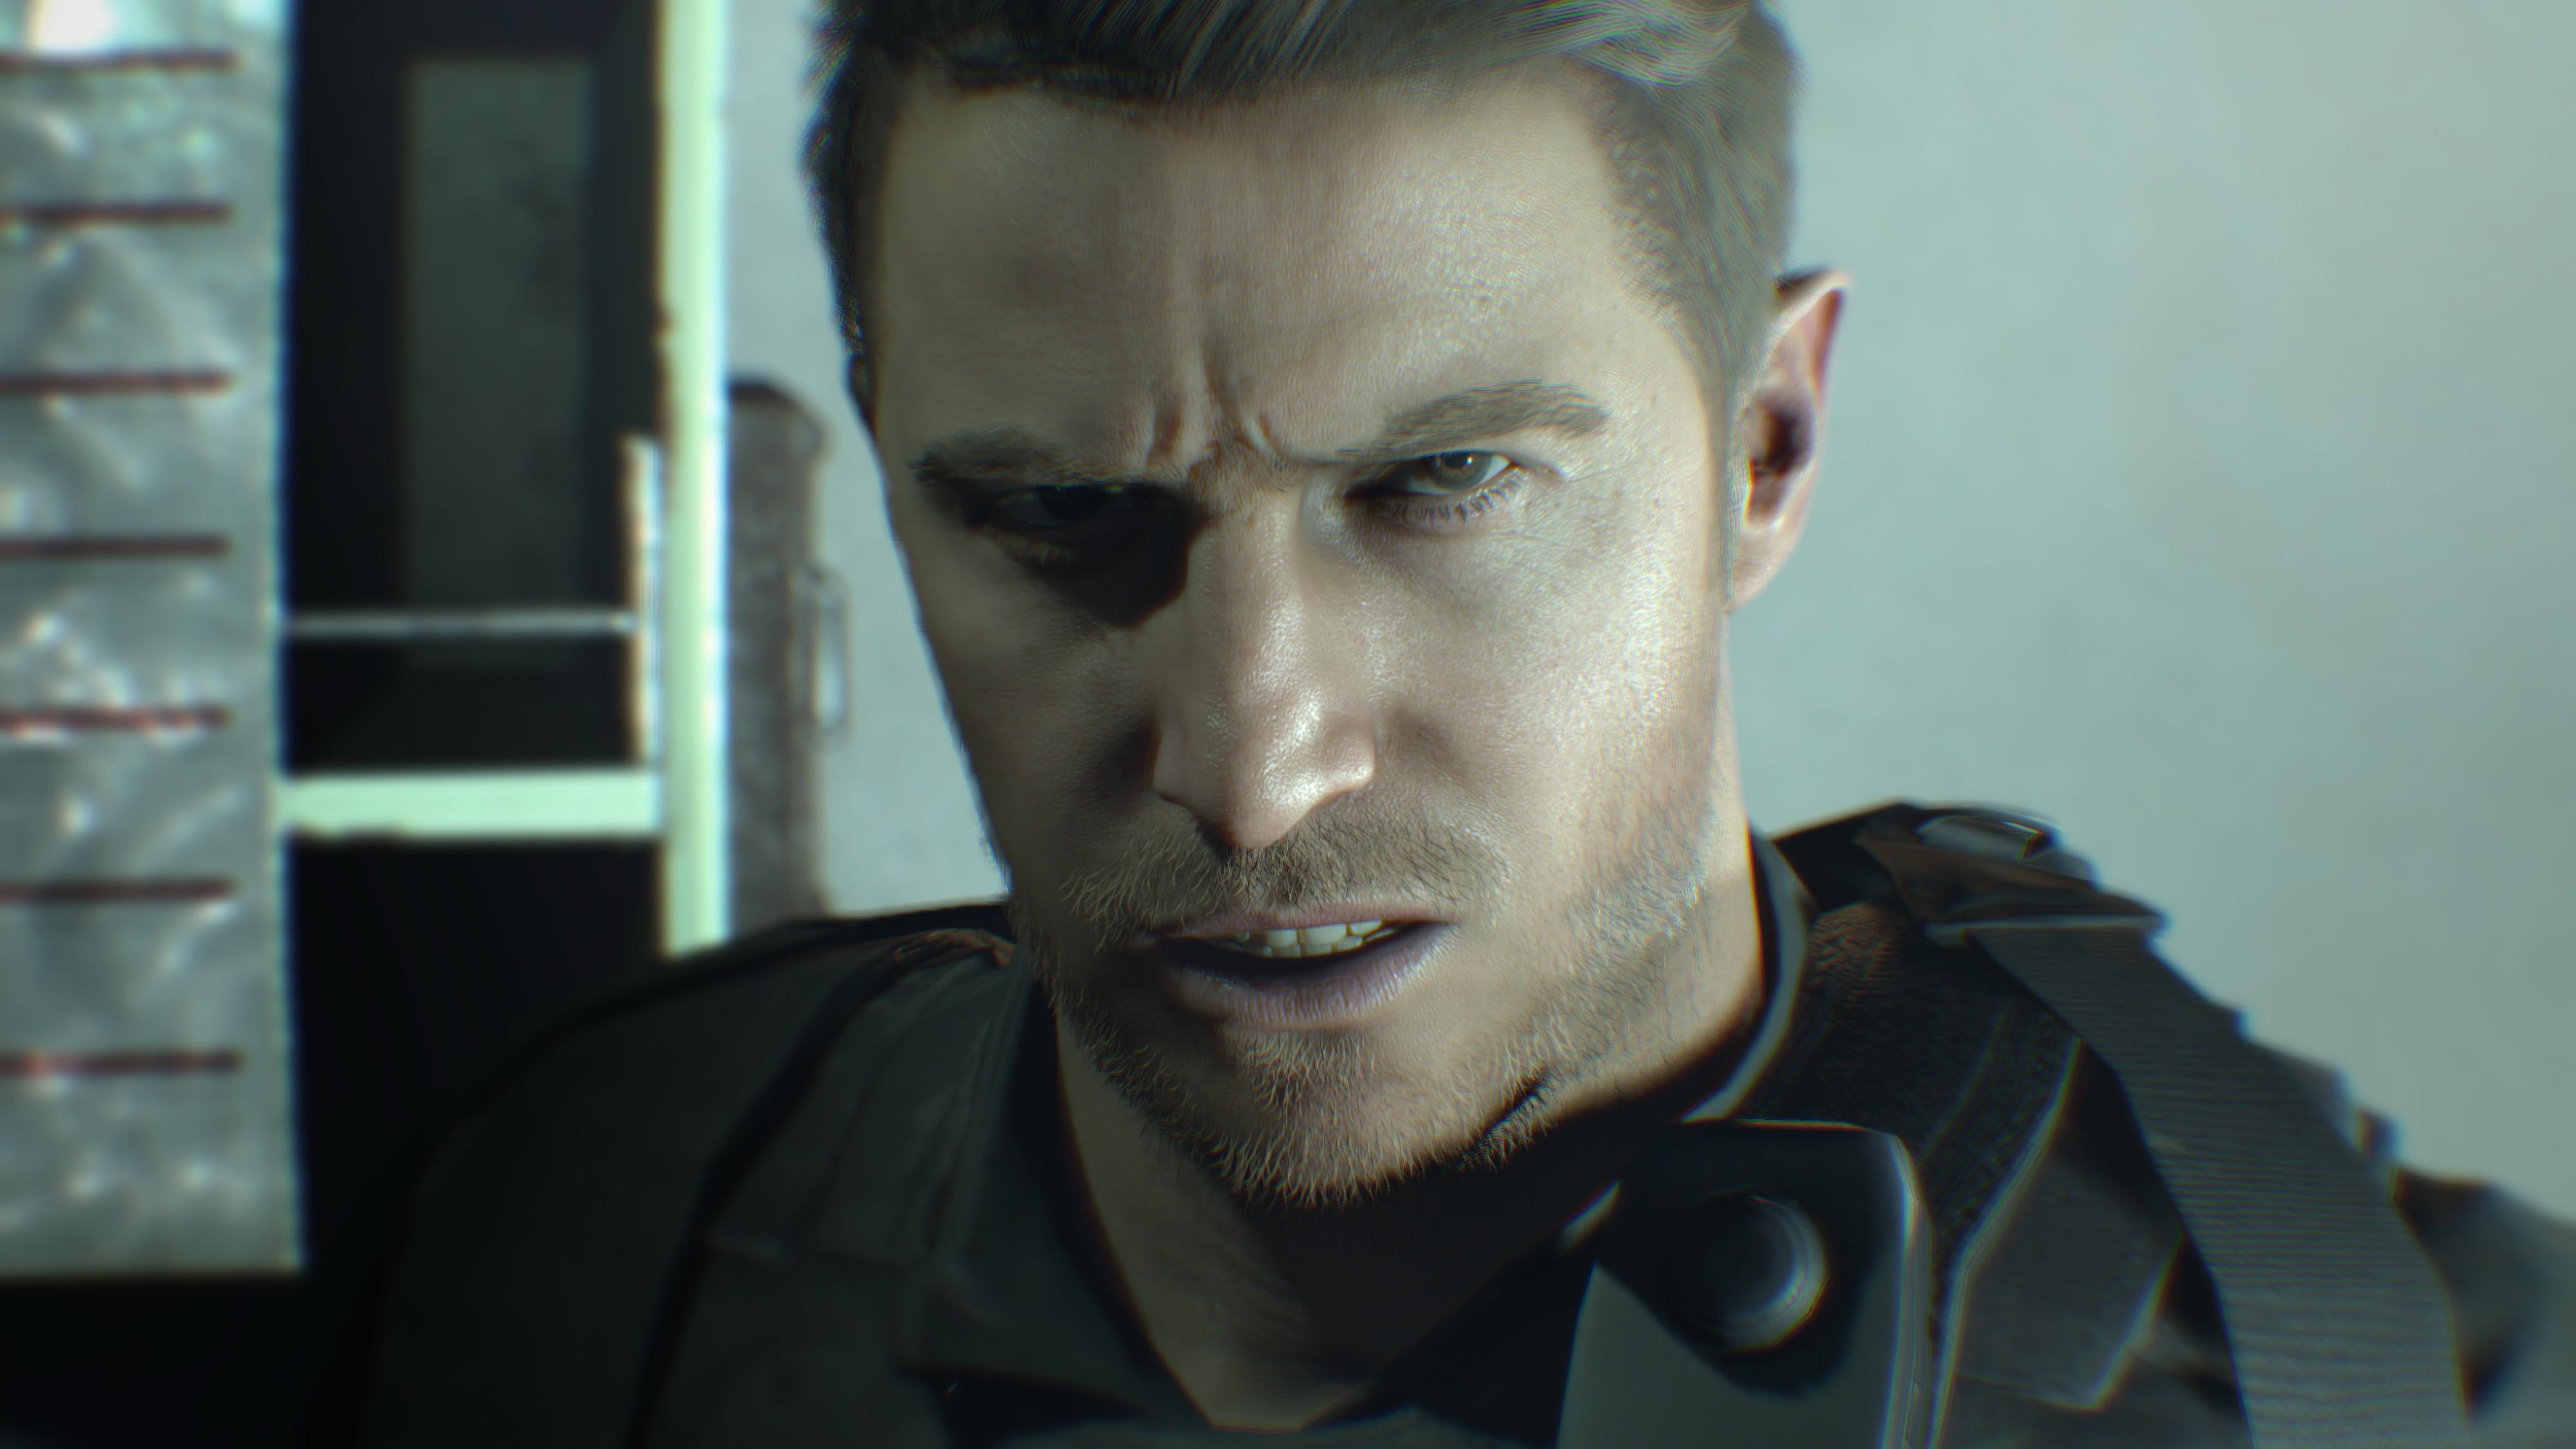 Resident-Evil-7-biohazard_2017_02-24-17_002